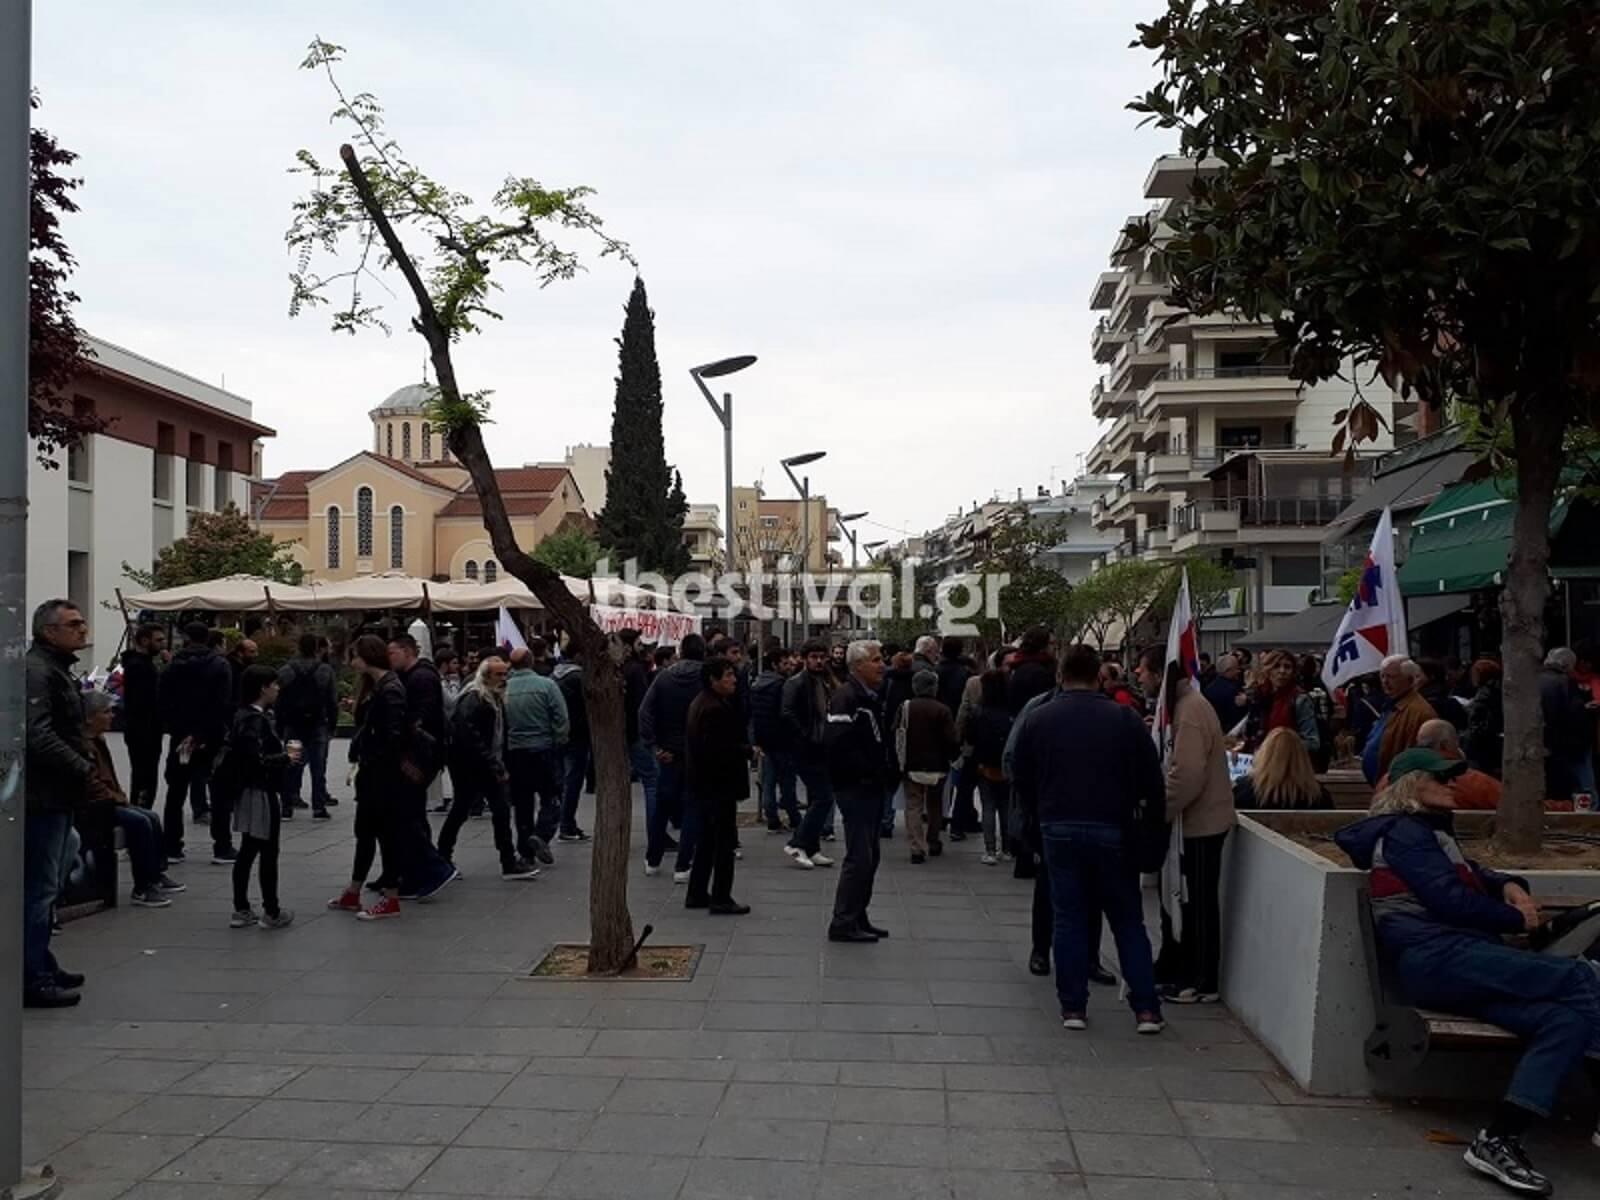 """""""Ηλεκτρισμένη"""" ατμόσφαιρα στη Θεσσαλονίκη! Ταυτόχρονες συγκεντρώσεις ακροδεξιών και του ΠΑΜΕ"""